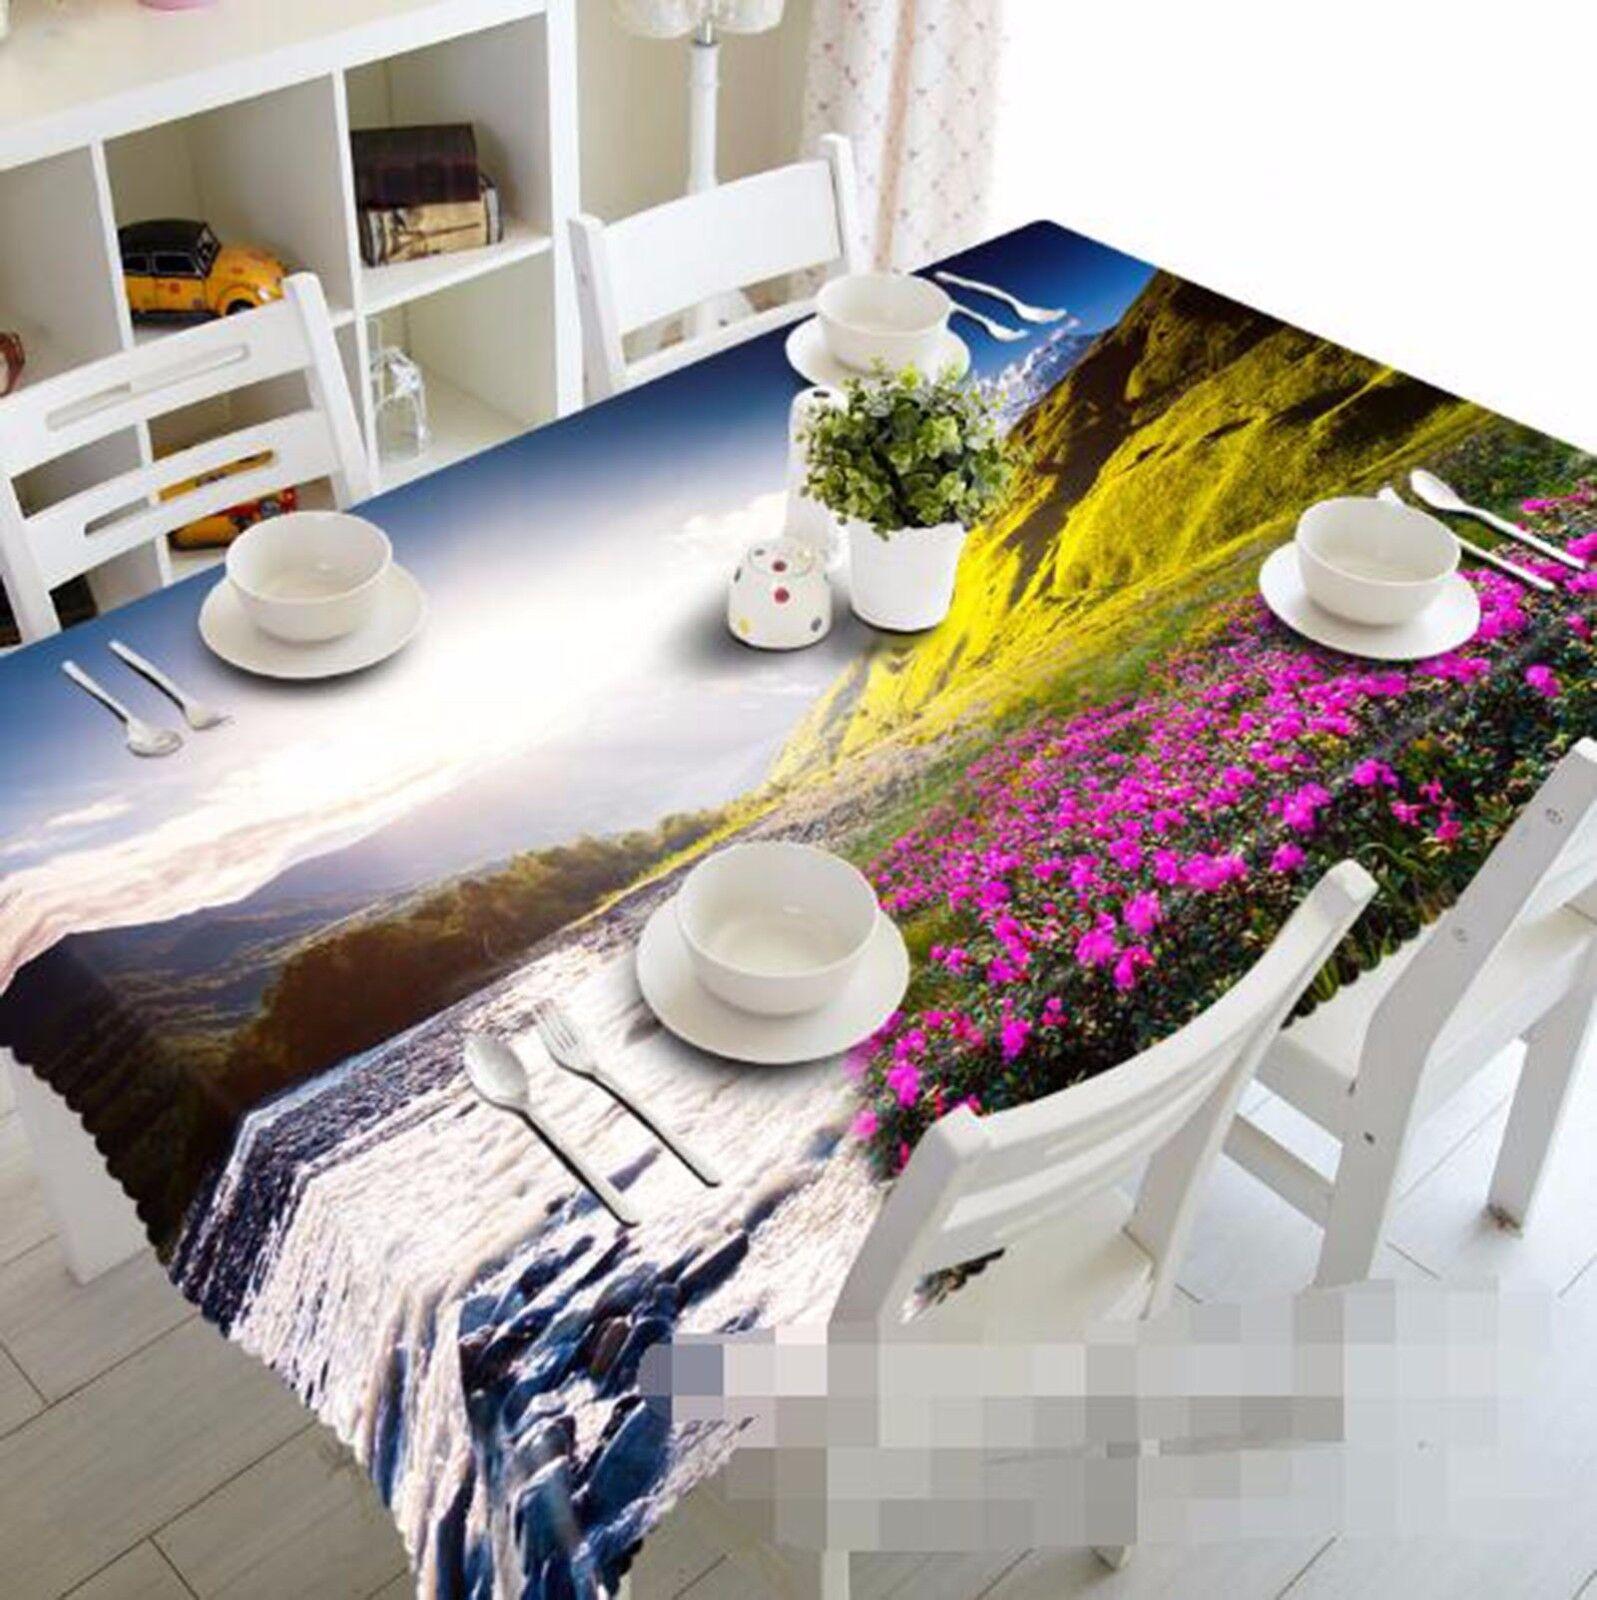 Fleurs 3D 417 Nappe Table Cover Cloth fête d'anniversaire AJ papier peint Royaume-Uni Citron